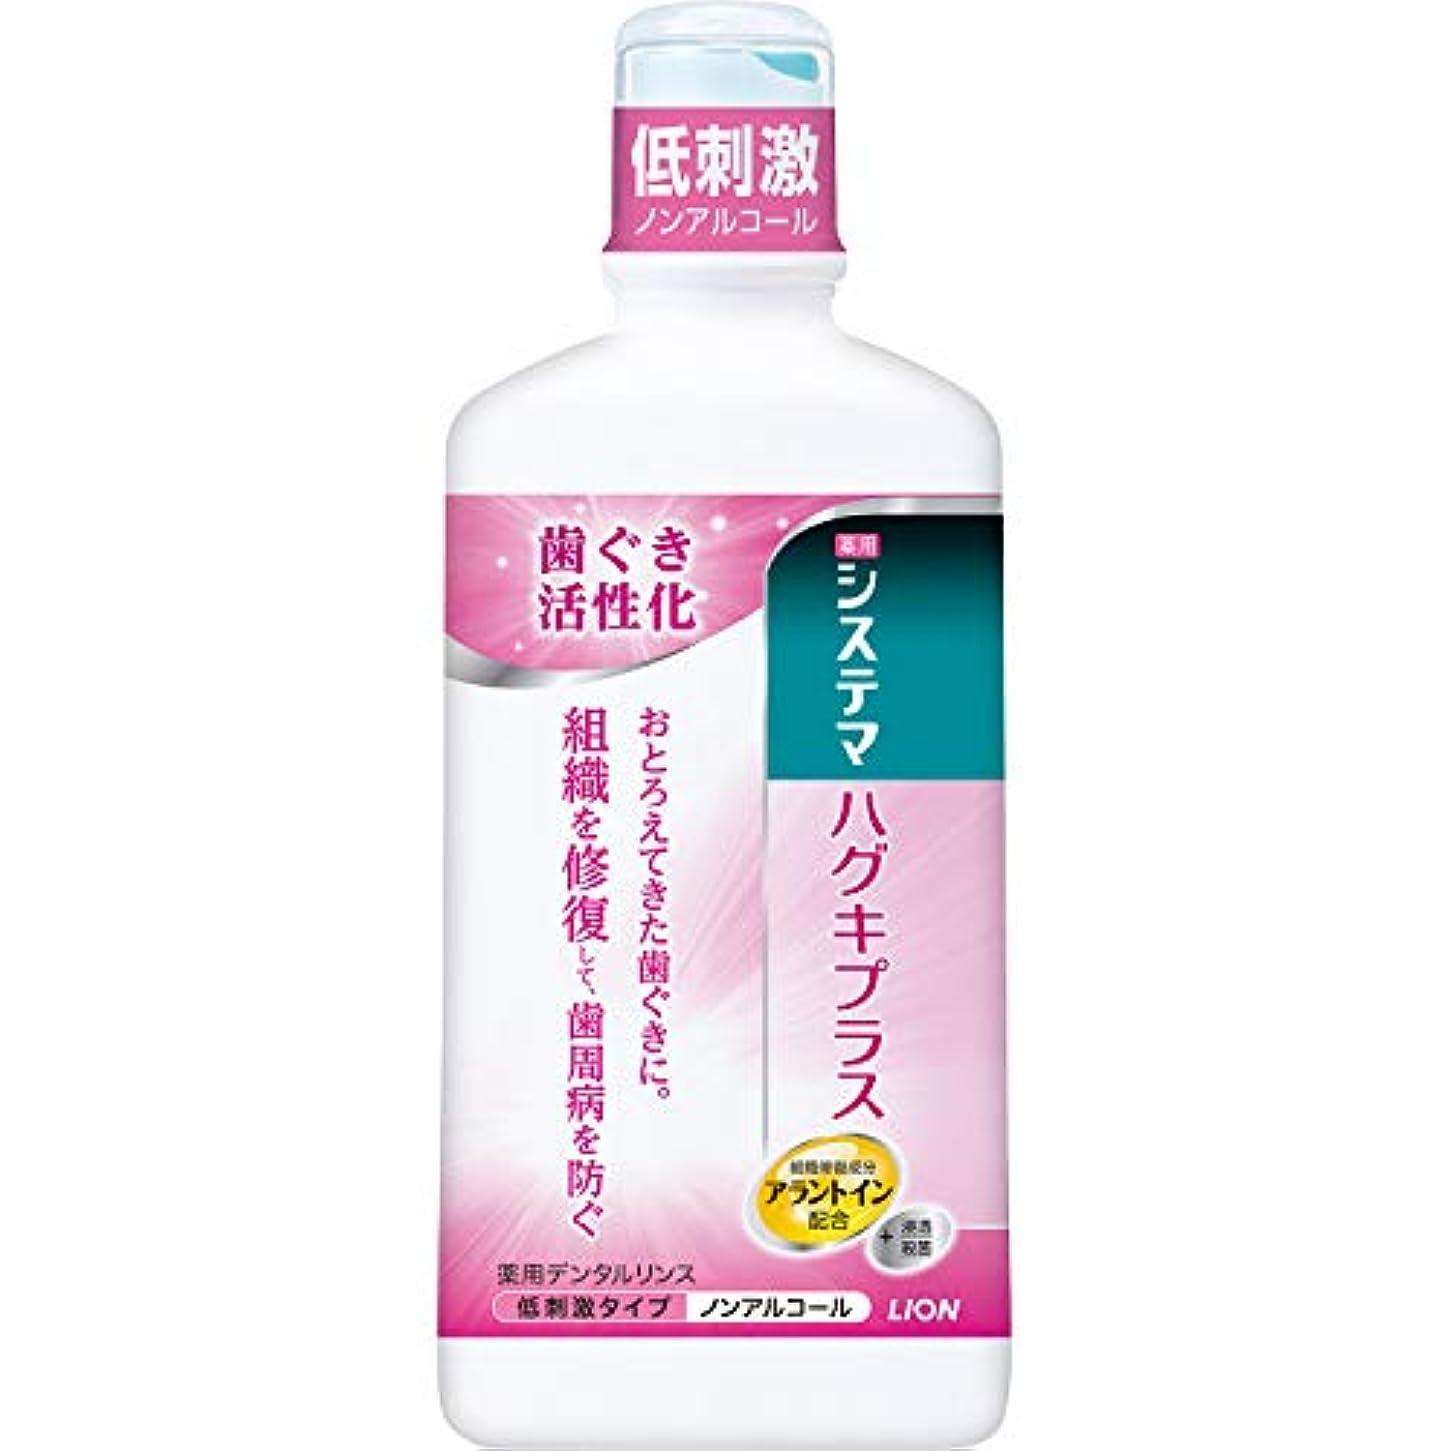 ピースリゾートぬれたシステマ ハグキプラス デンタルリンス 450ml 液体歯磨 (医薬部外品)